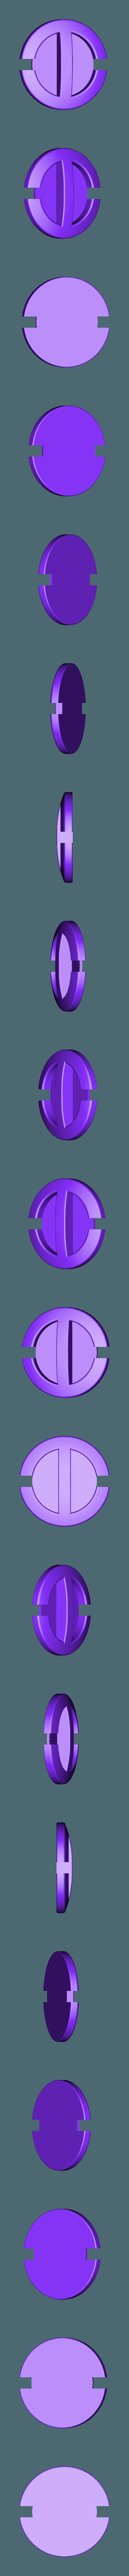 ez_belt_red.stl Télécharger fichier SCAD gratuit Boucle de la ceinture de la piscine morte Pièces de couleur séparée • Modèle pour imprimante 3D, dantu